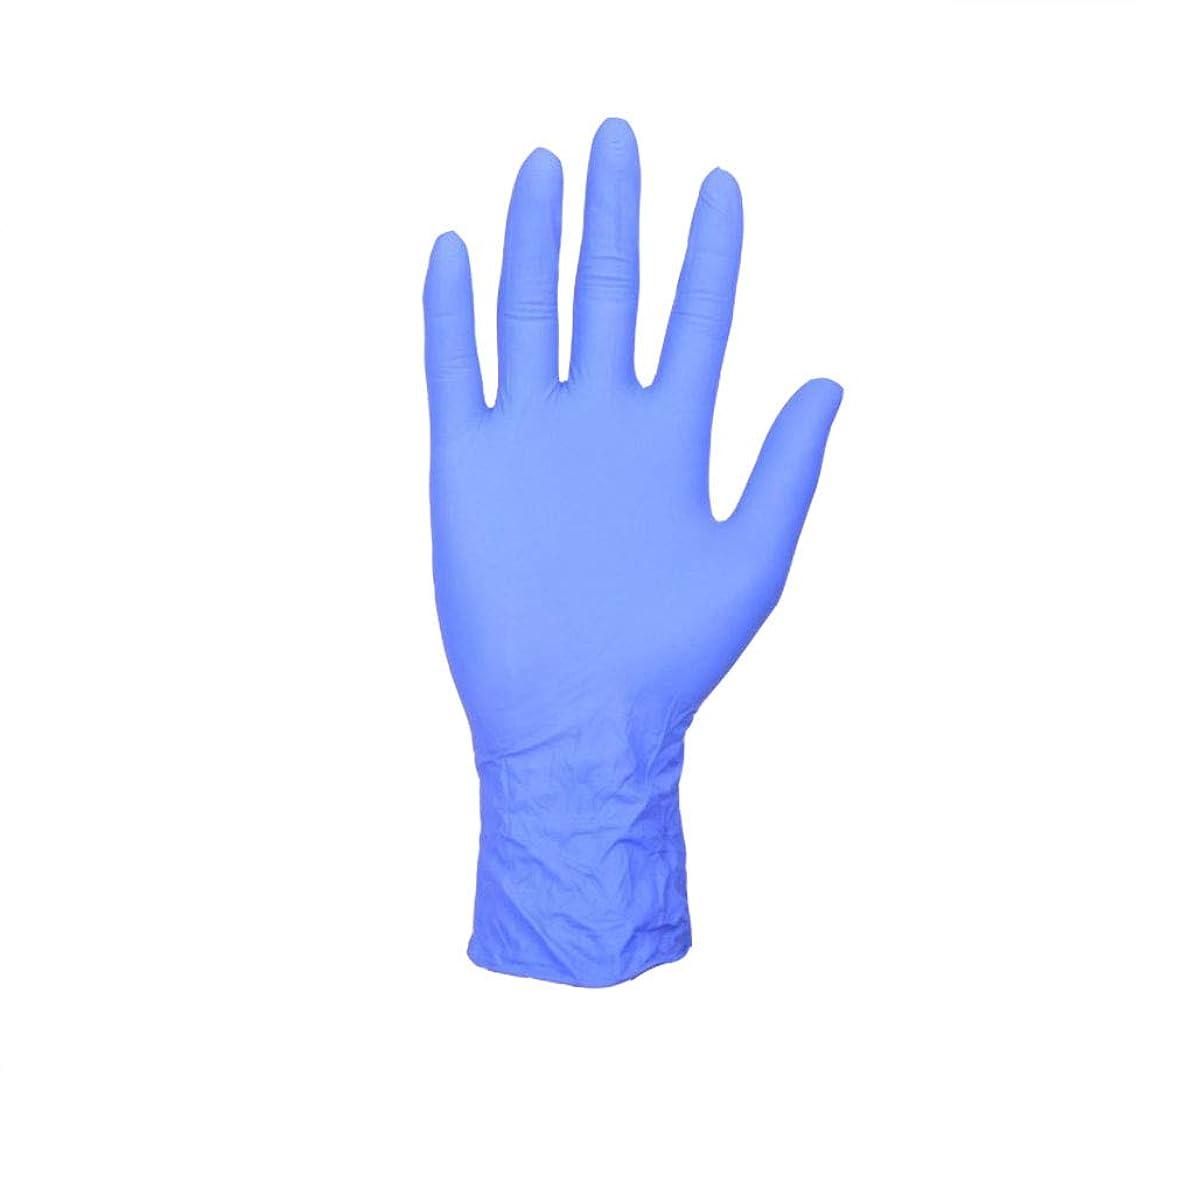 シャーロットブロンテ緯度しつけ手袋、使い捨てゴム手袋、検査、丁清手袋、油と静電気防止手袋、ラテックス手袋100ペア。 (サイズ さいず : L l, UnitCount : 100 pairs)